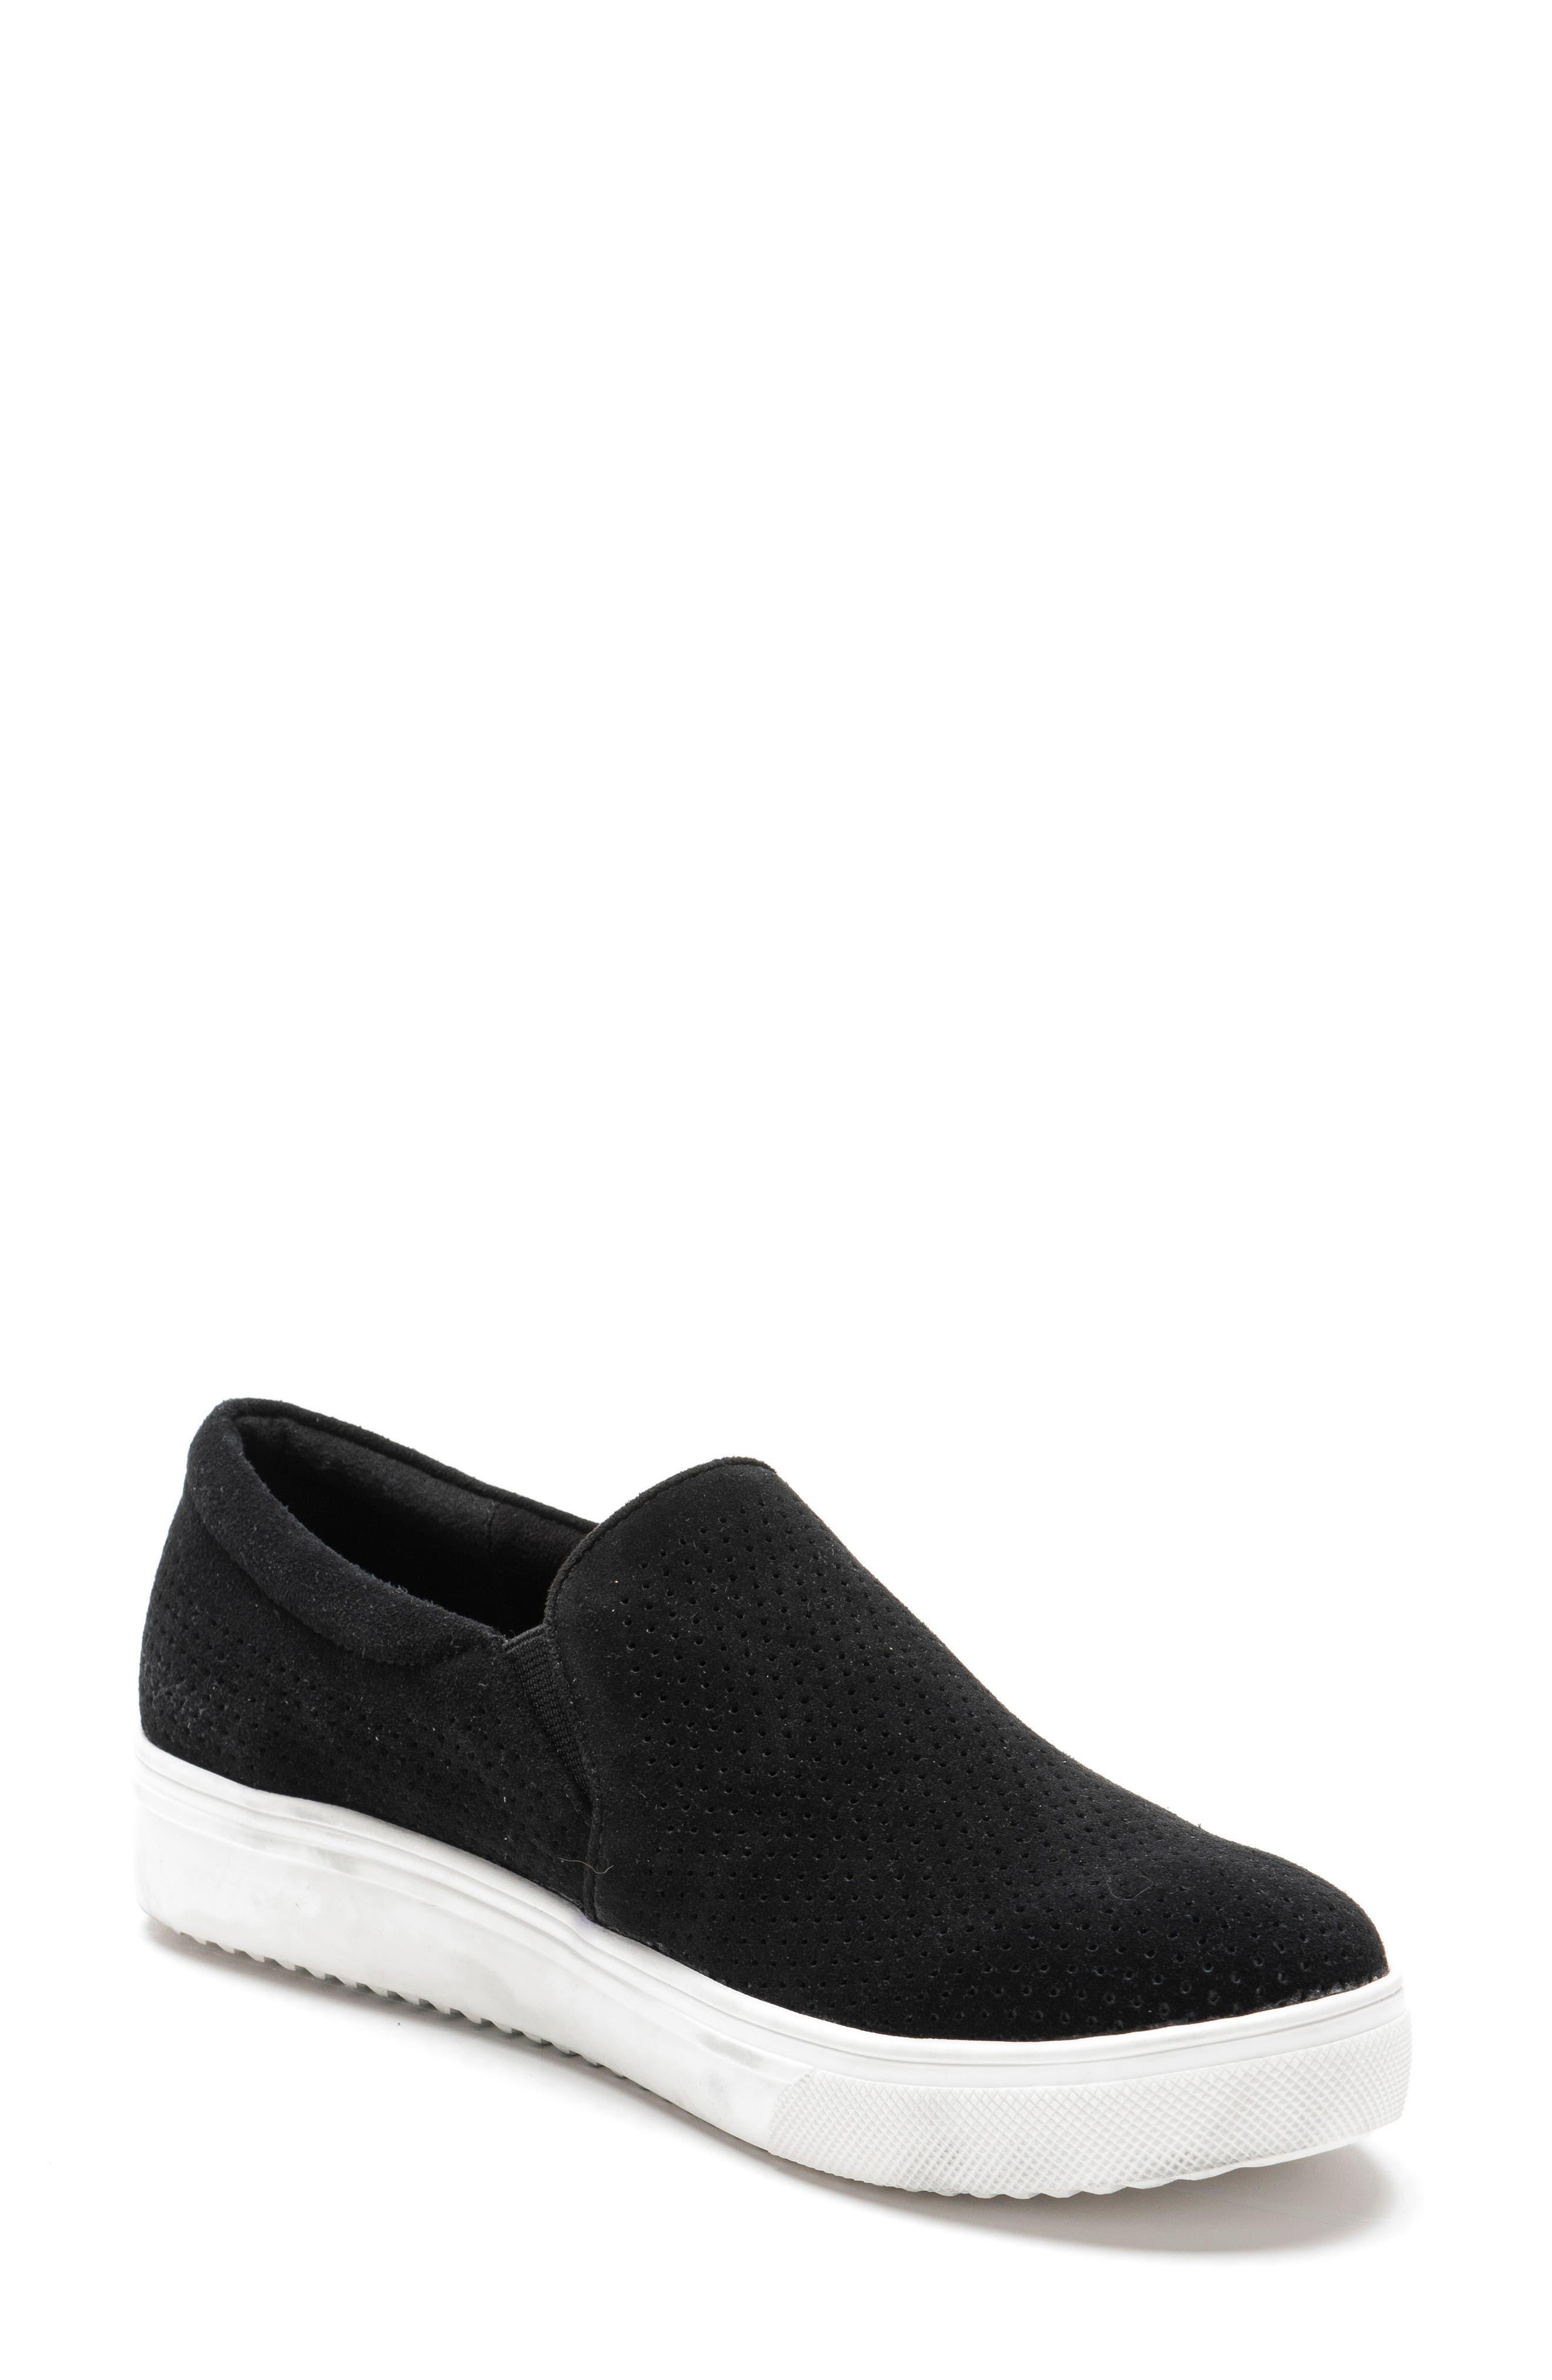 Gallert Perforated Waterproof Platform Sneaker, Main, color, BLACK SUEDE